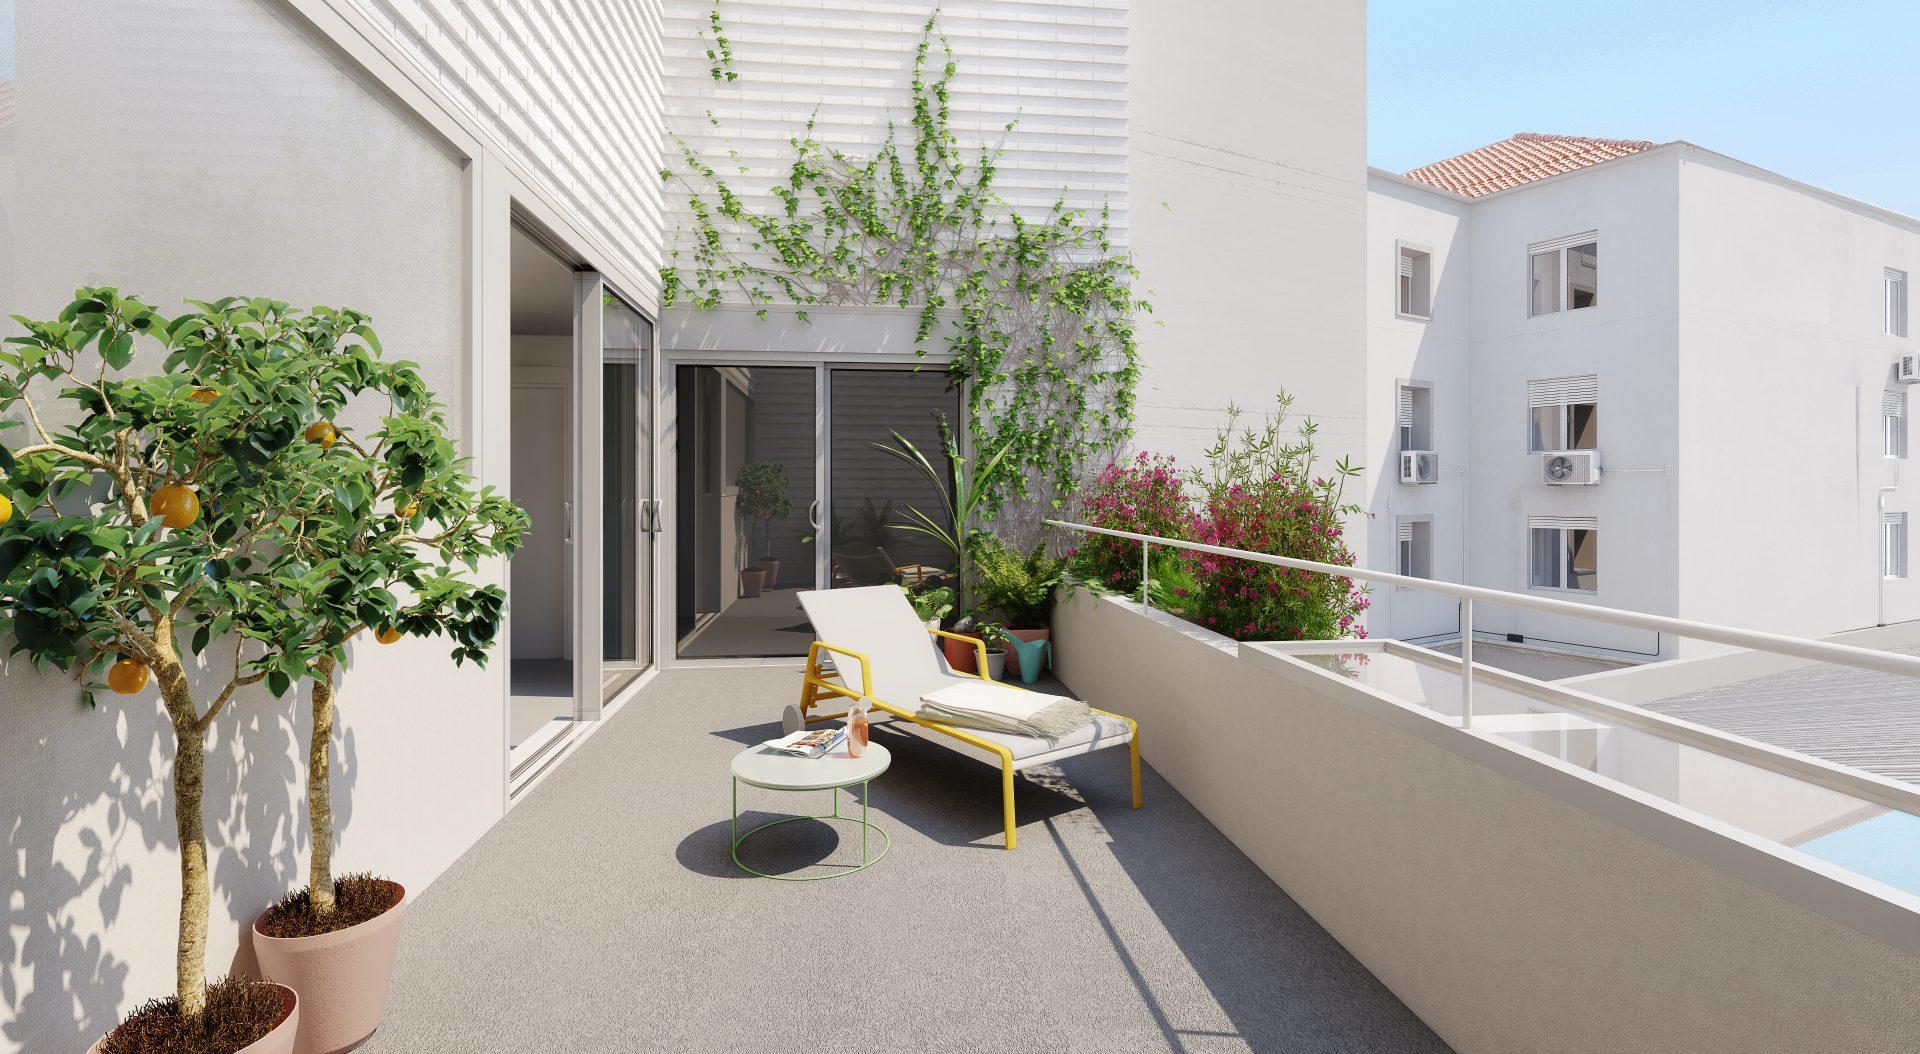 apartamentos4torres hidradesign PATIO_03